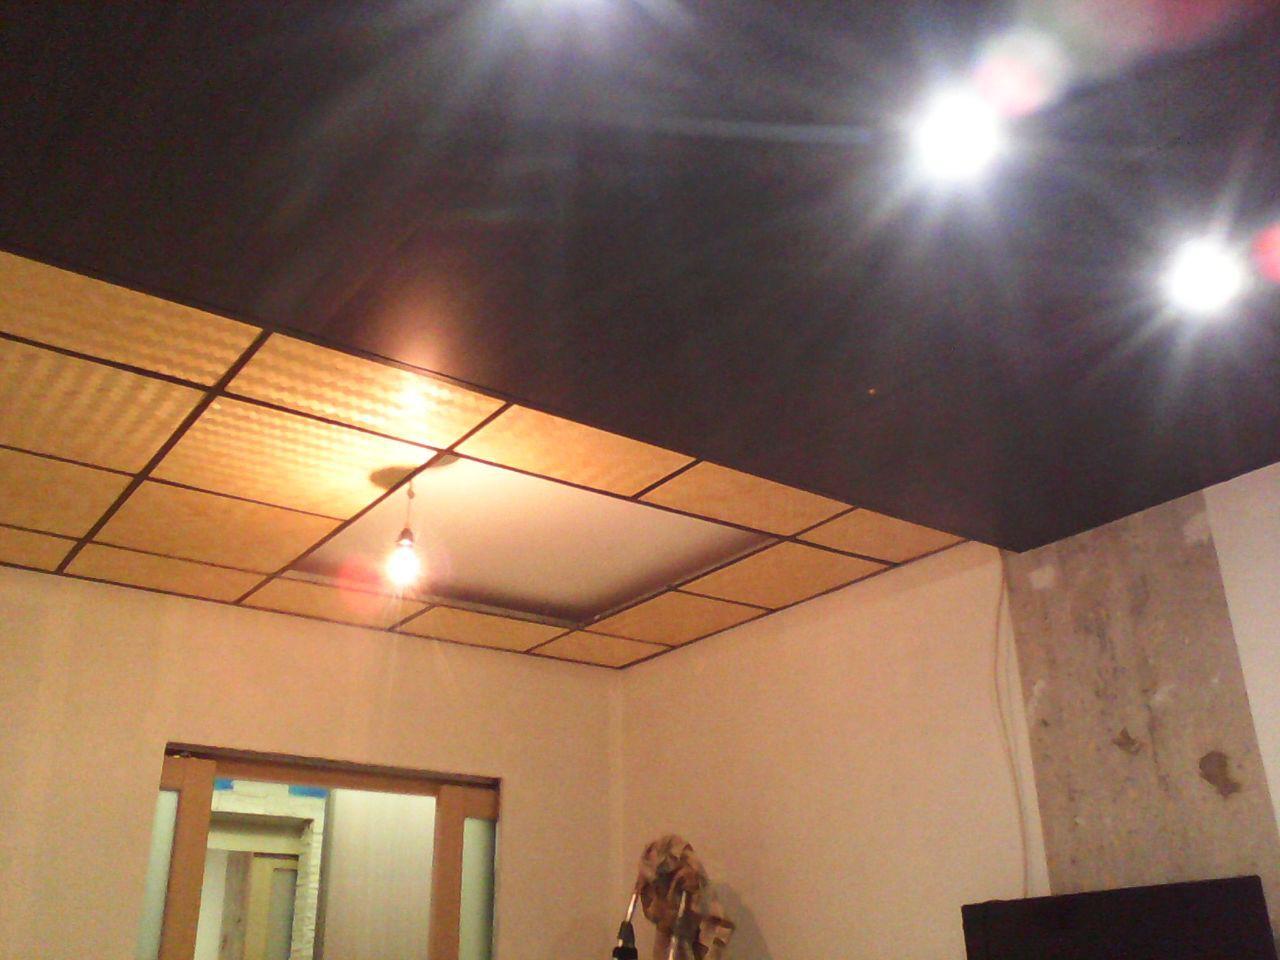 Вместо плит использую натуральное бамбуковое полотно (очень колоритный материал) ремонт, рукожопие, японский стиль